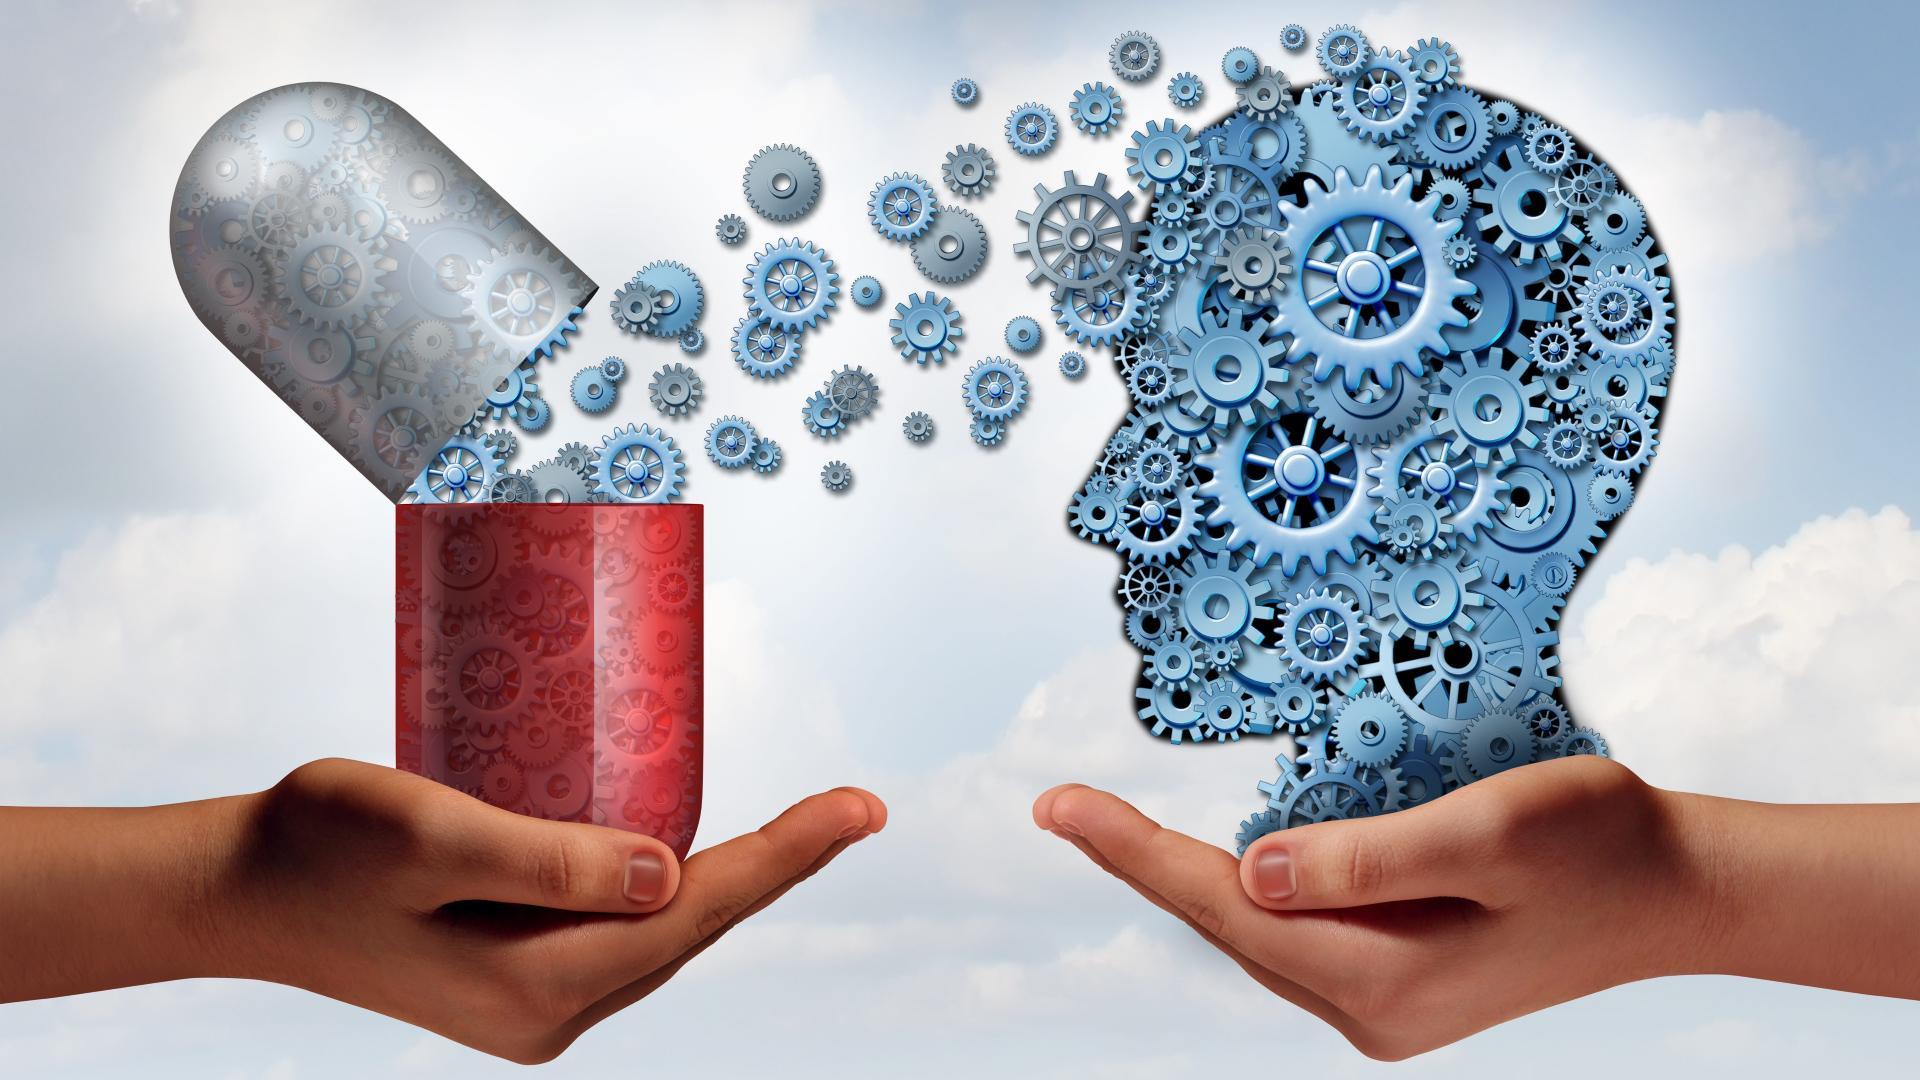 Ноотропы: «разогнать» мозг